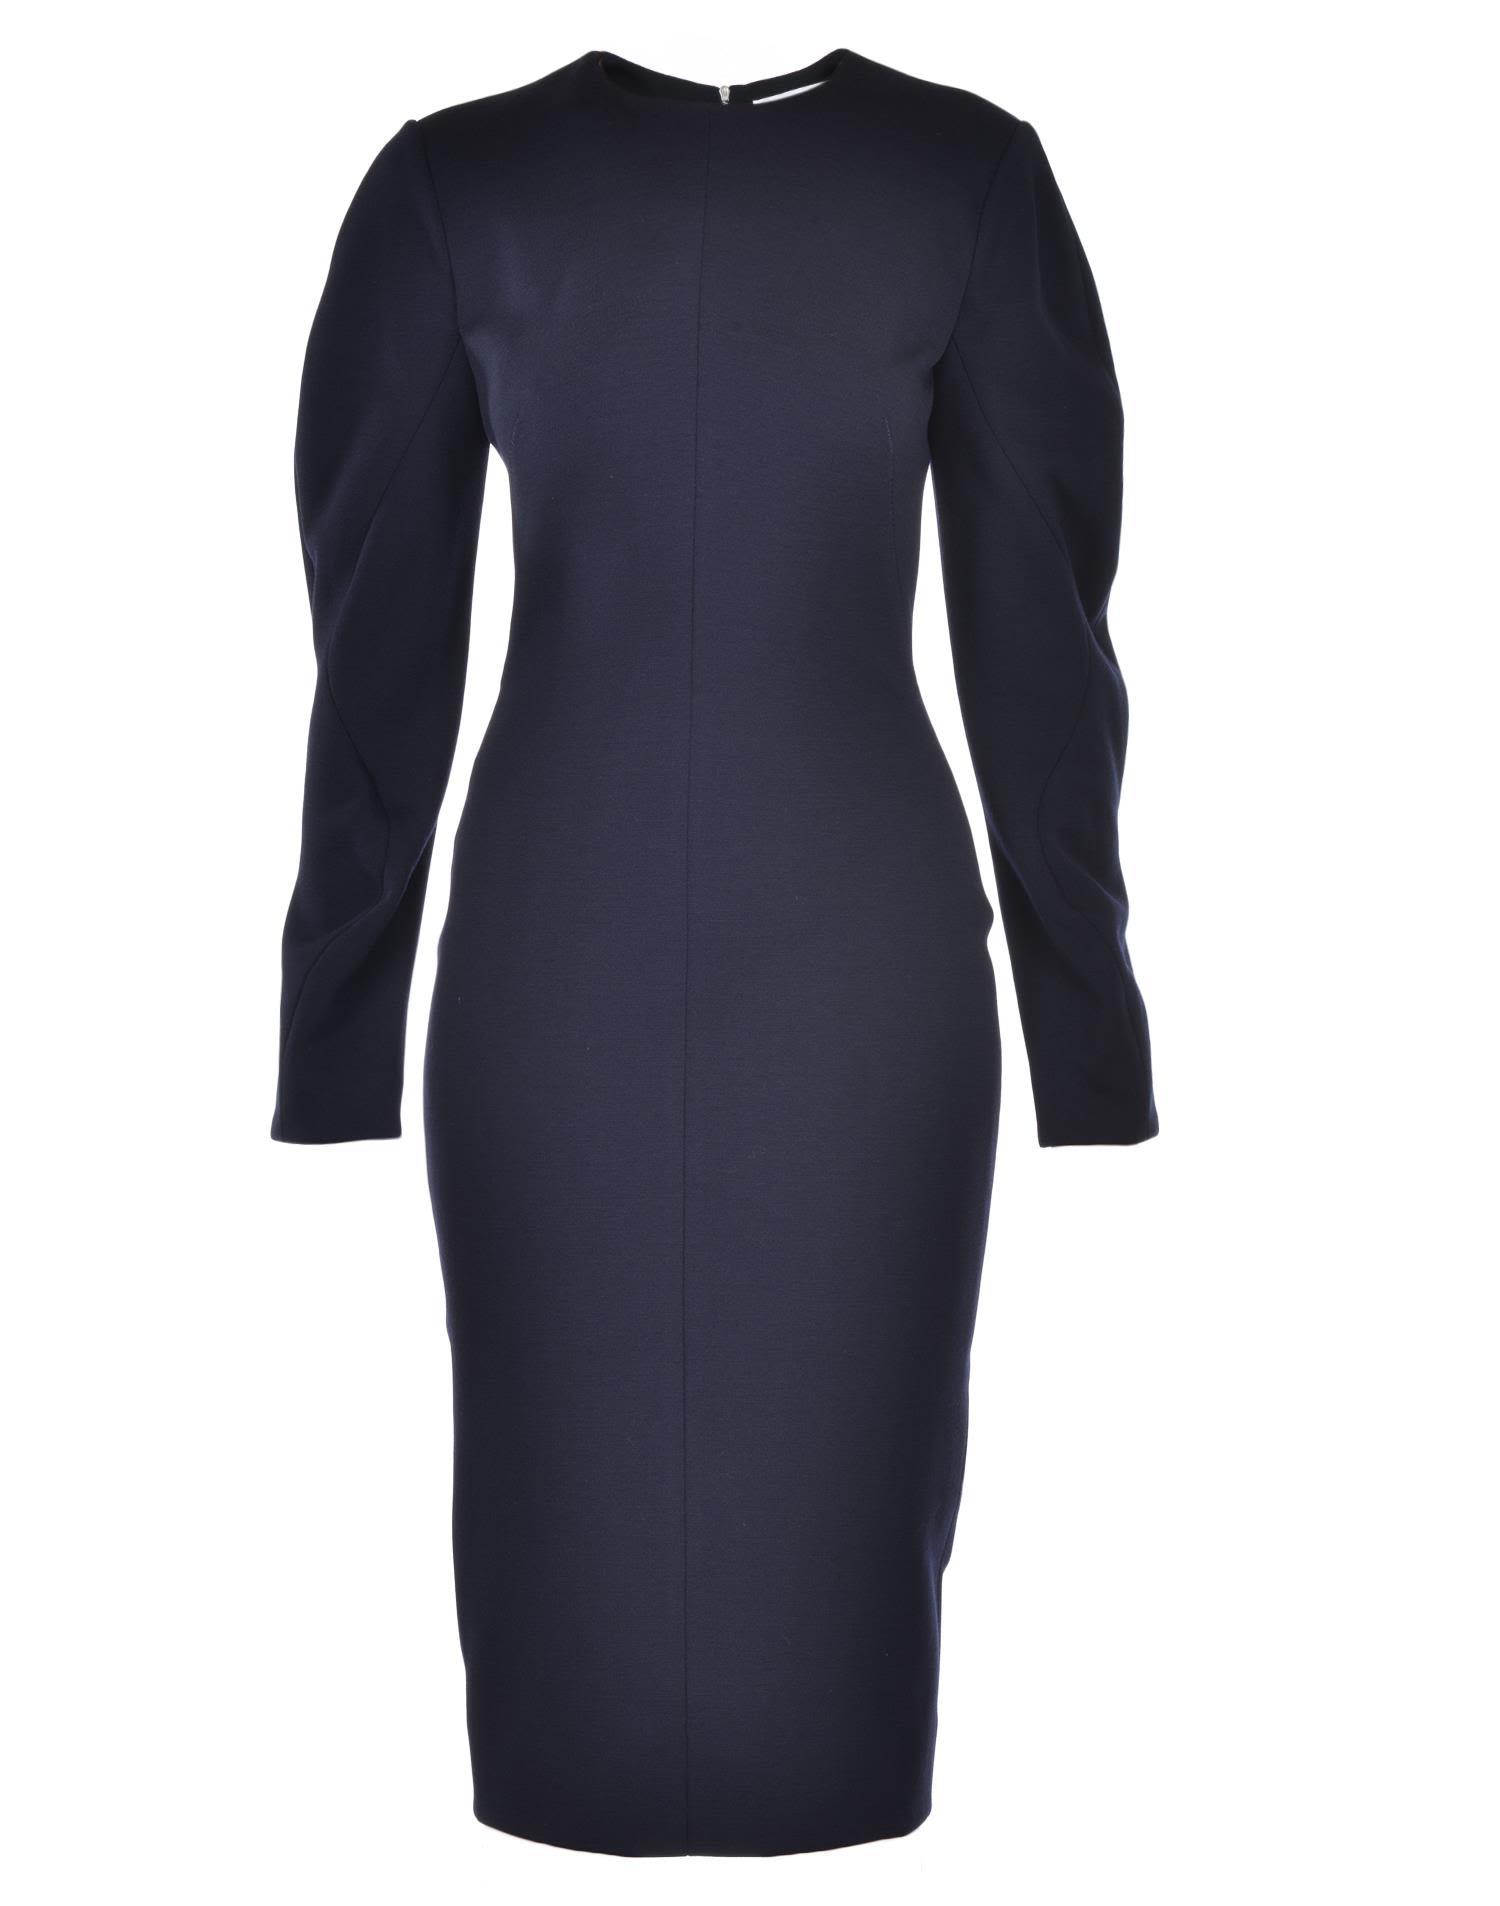 Victoria Beckham Wool Dress